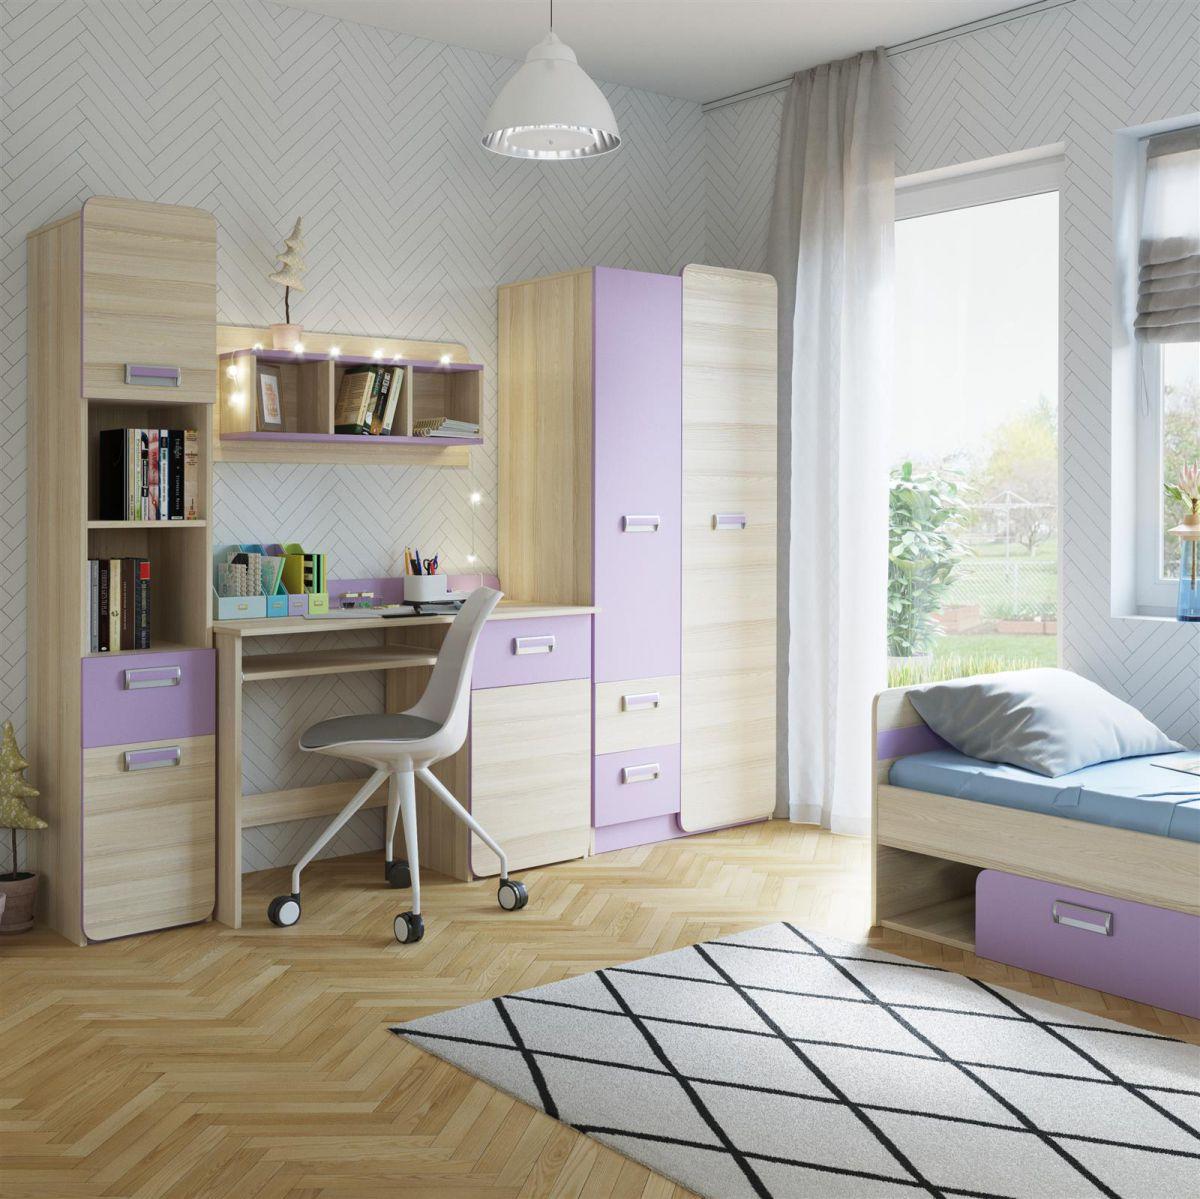 Jugendzimmer kindermoebel tisch bett limo 02 5 tlg for Jugendzimmer couch bett